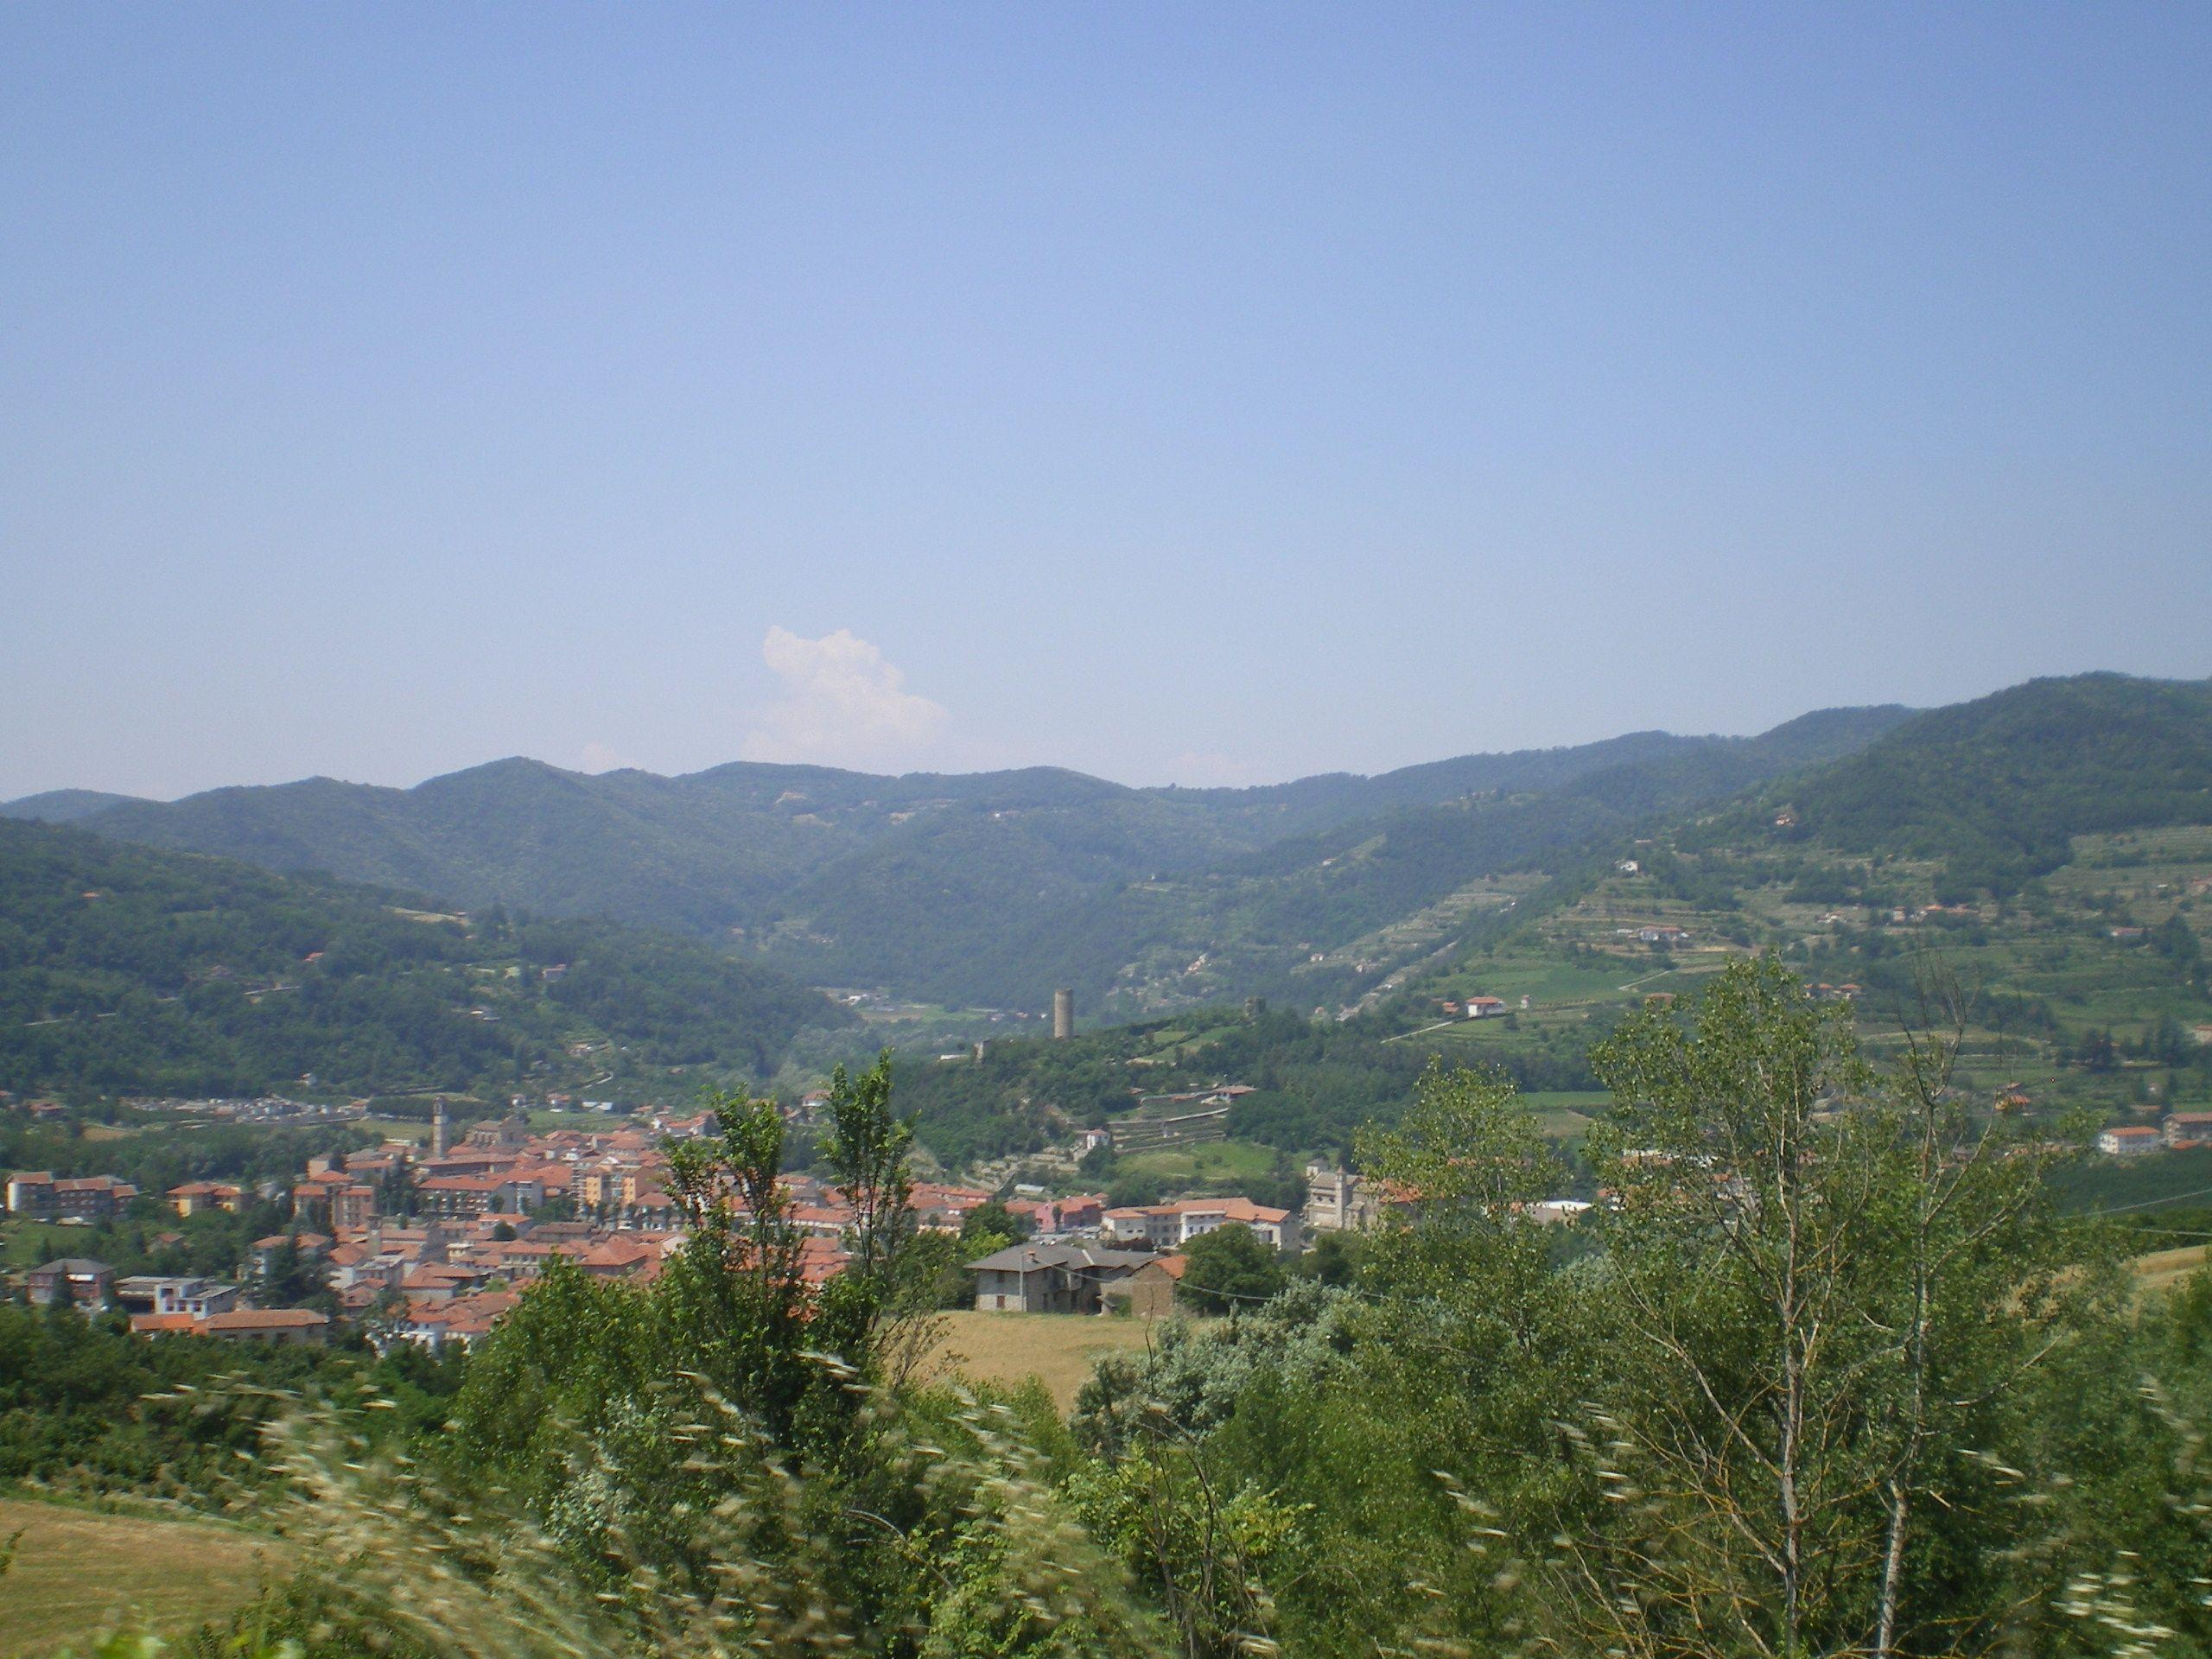 Cortemilia - stad van de hazelnoten - van bovenaf gezien.  (Piemonte)  www.huizenjacht-italie.com